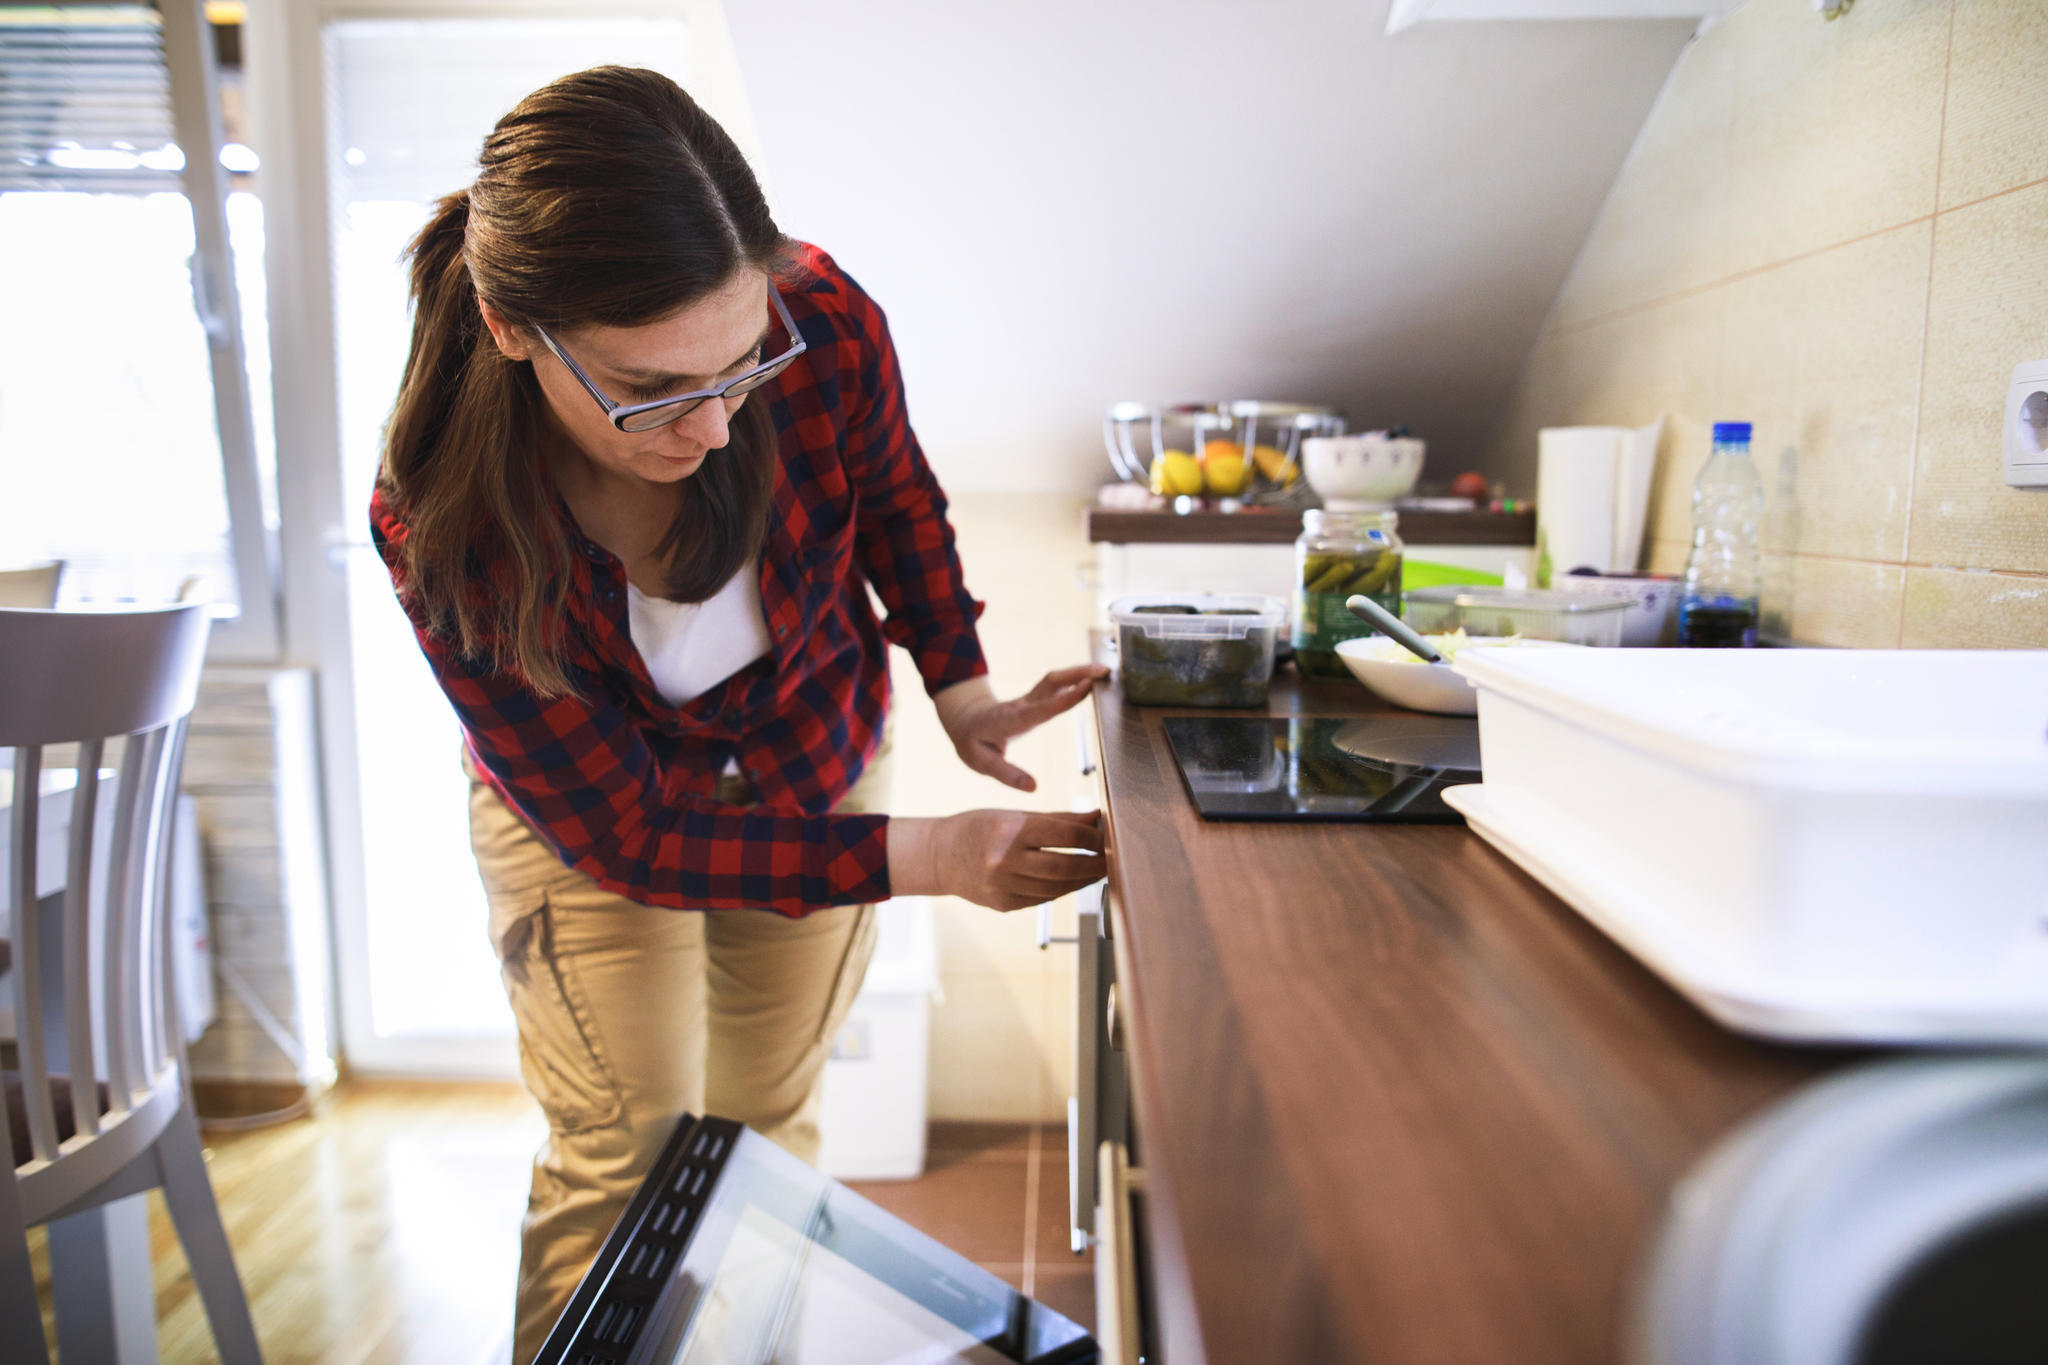 Strom sparen in der Küche: So sparen Sie 100 Euro im Jahr | STERN.de